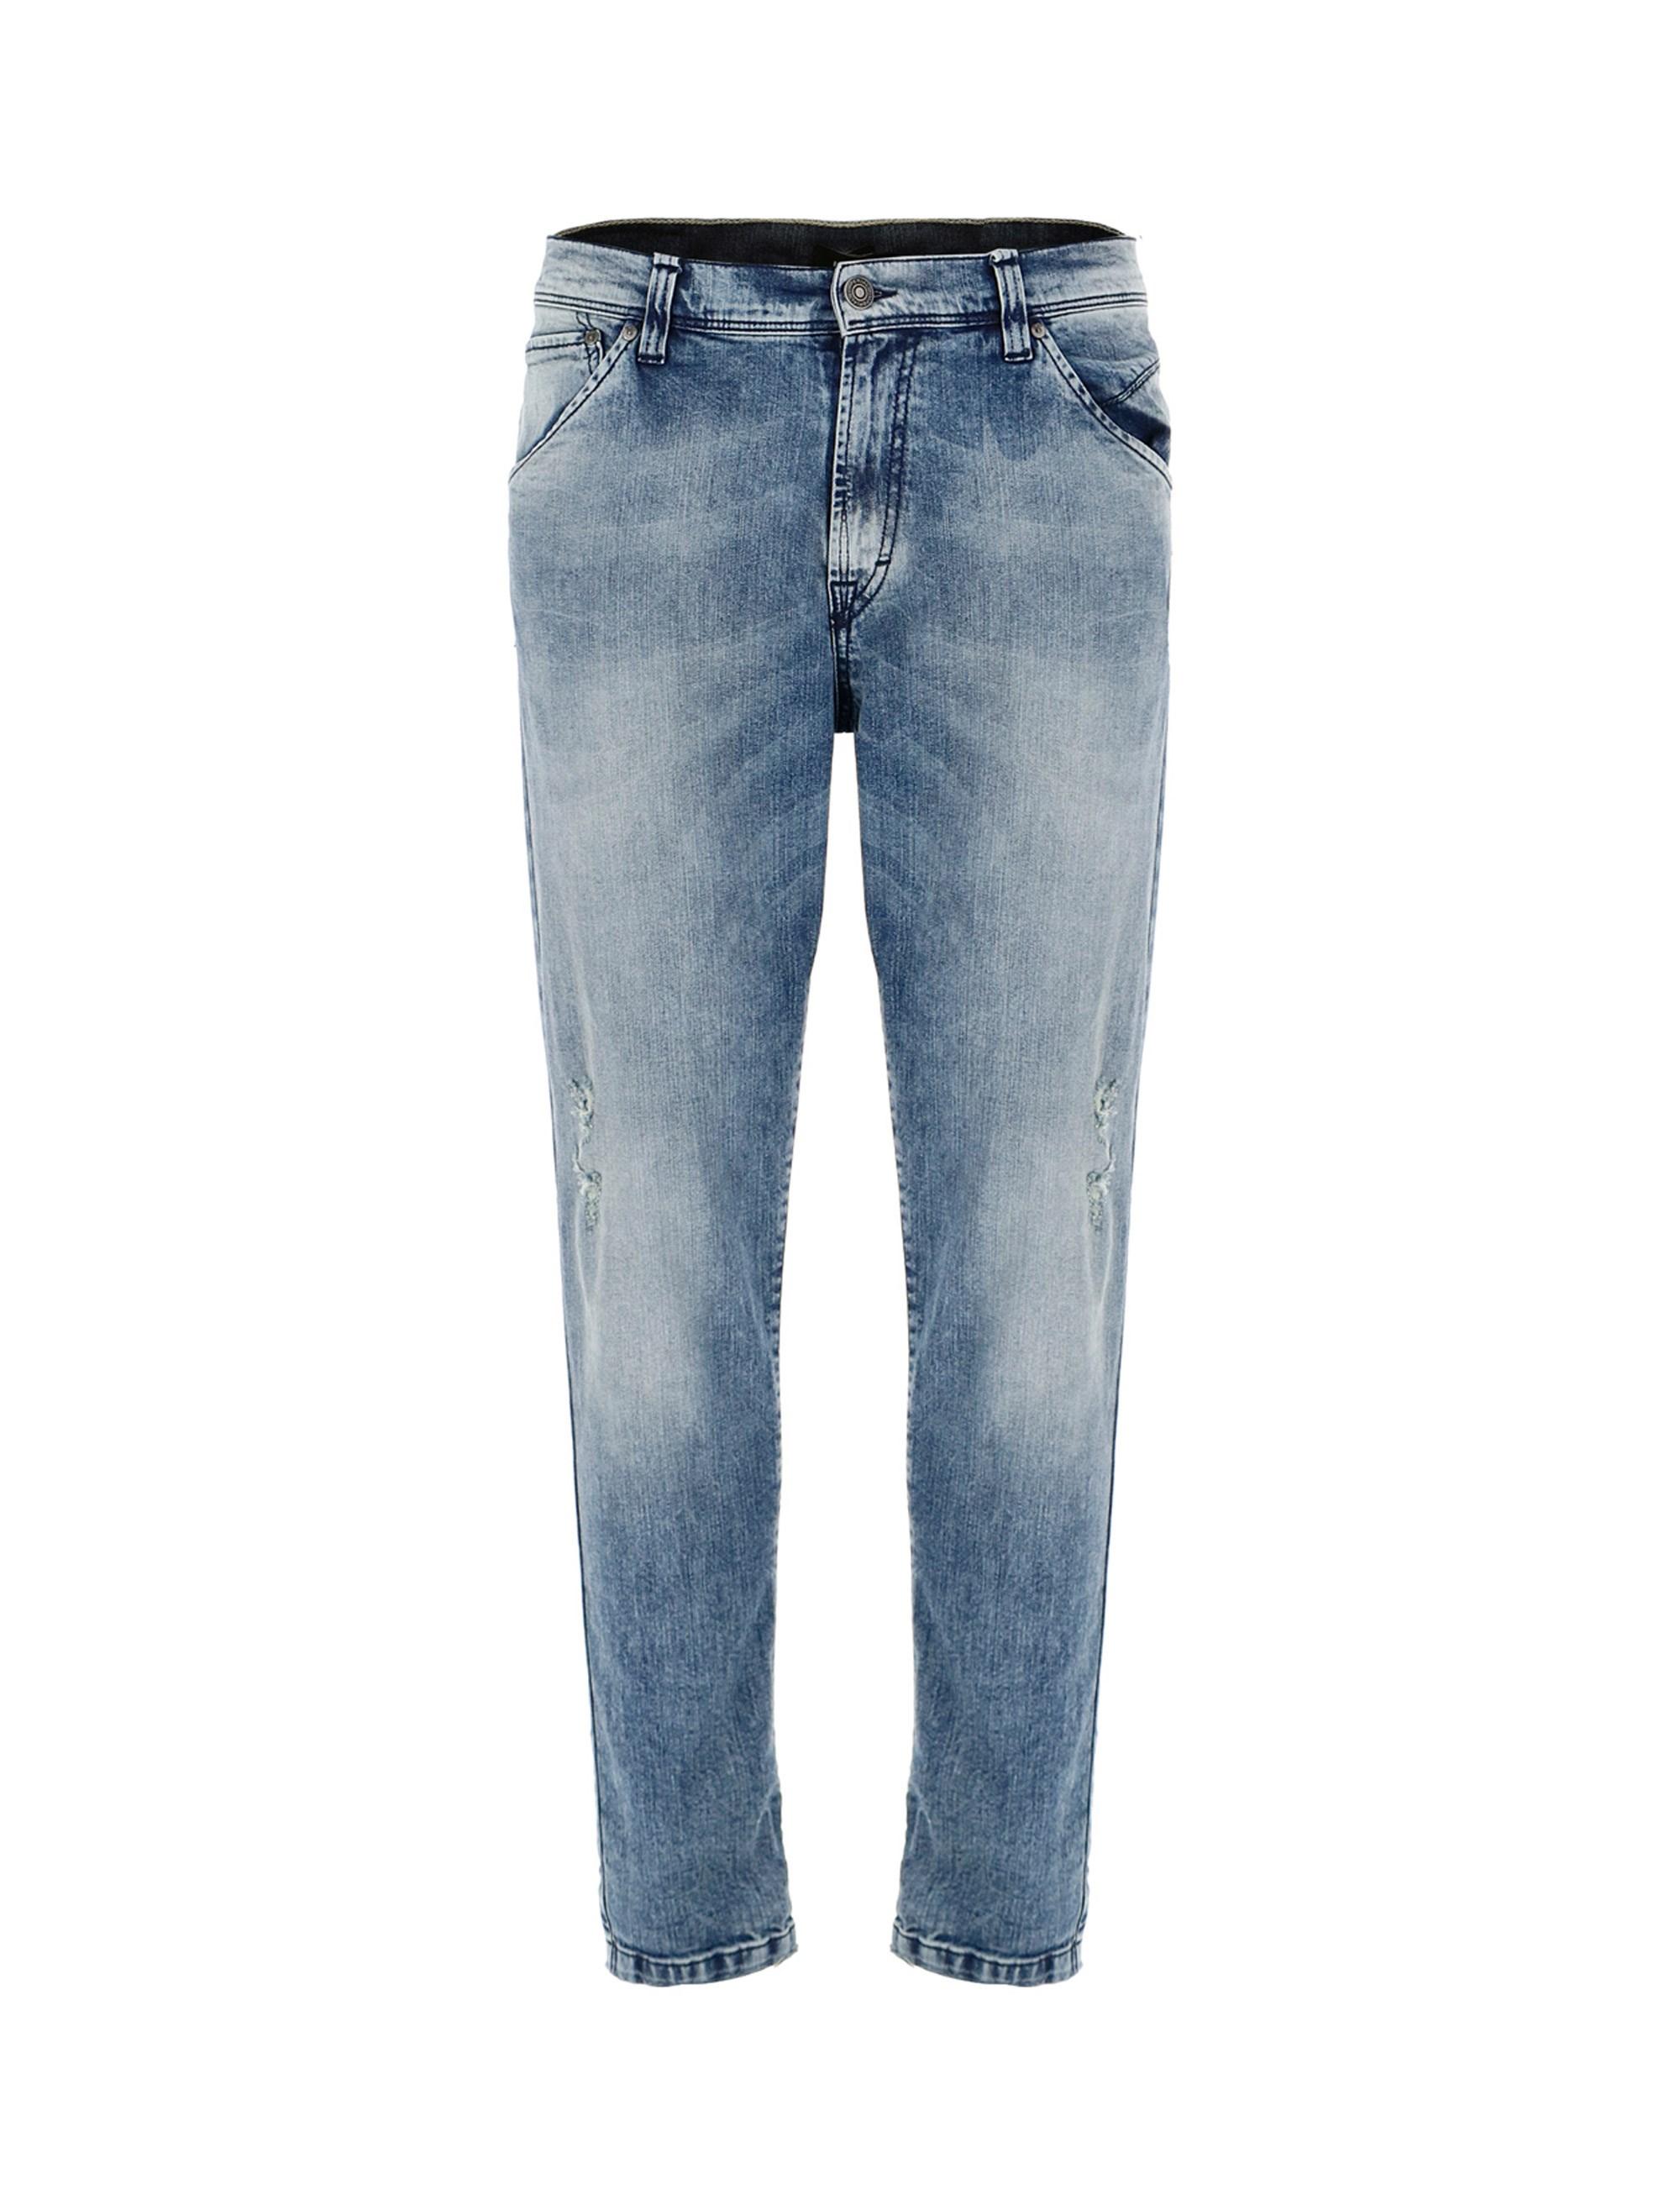 شلوار جین راسته مردانه - امپریال